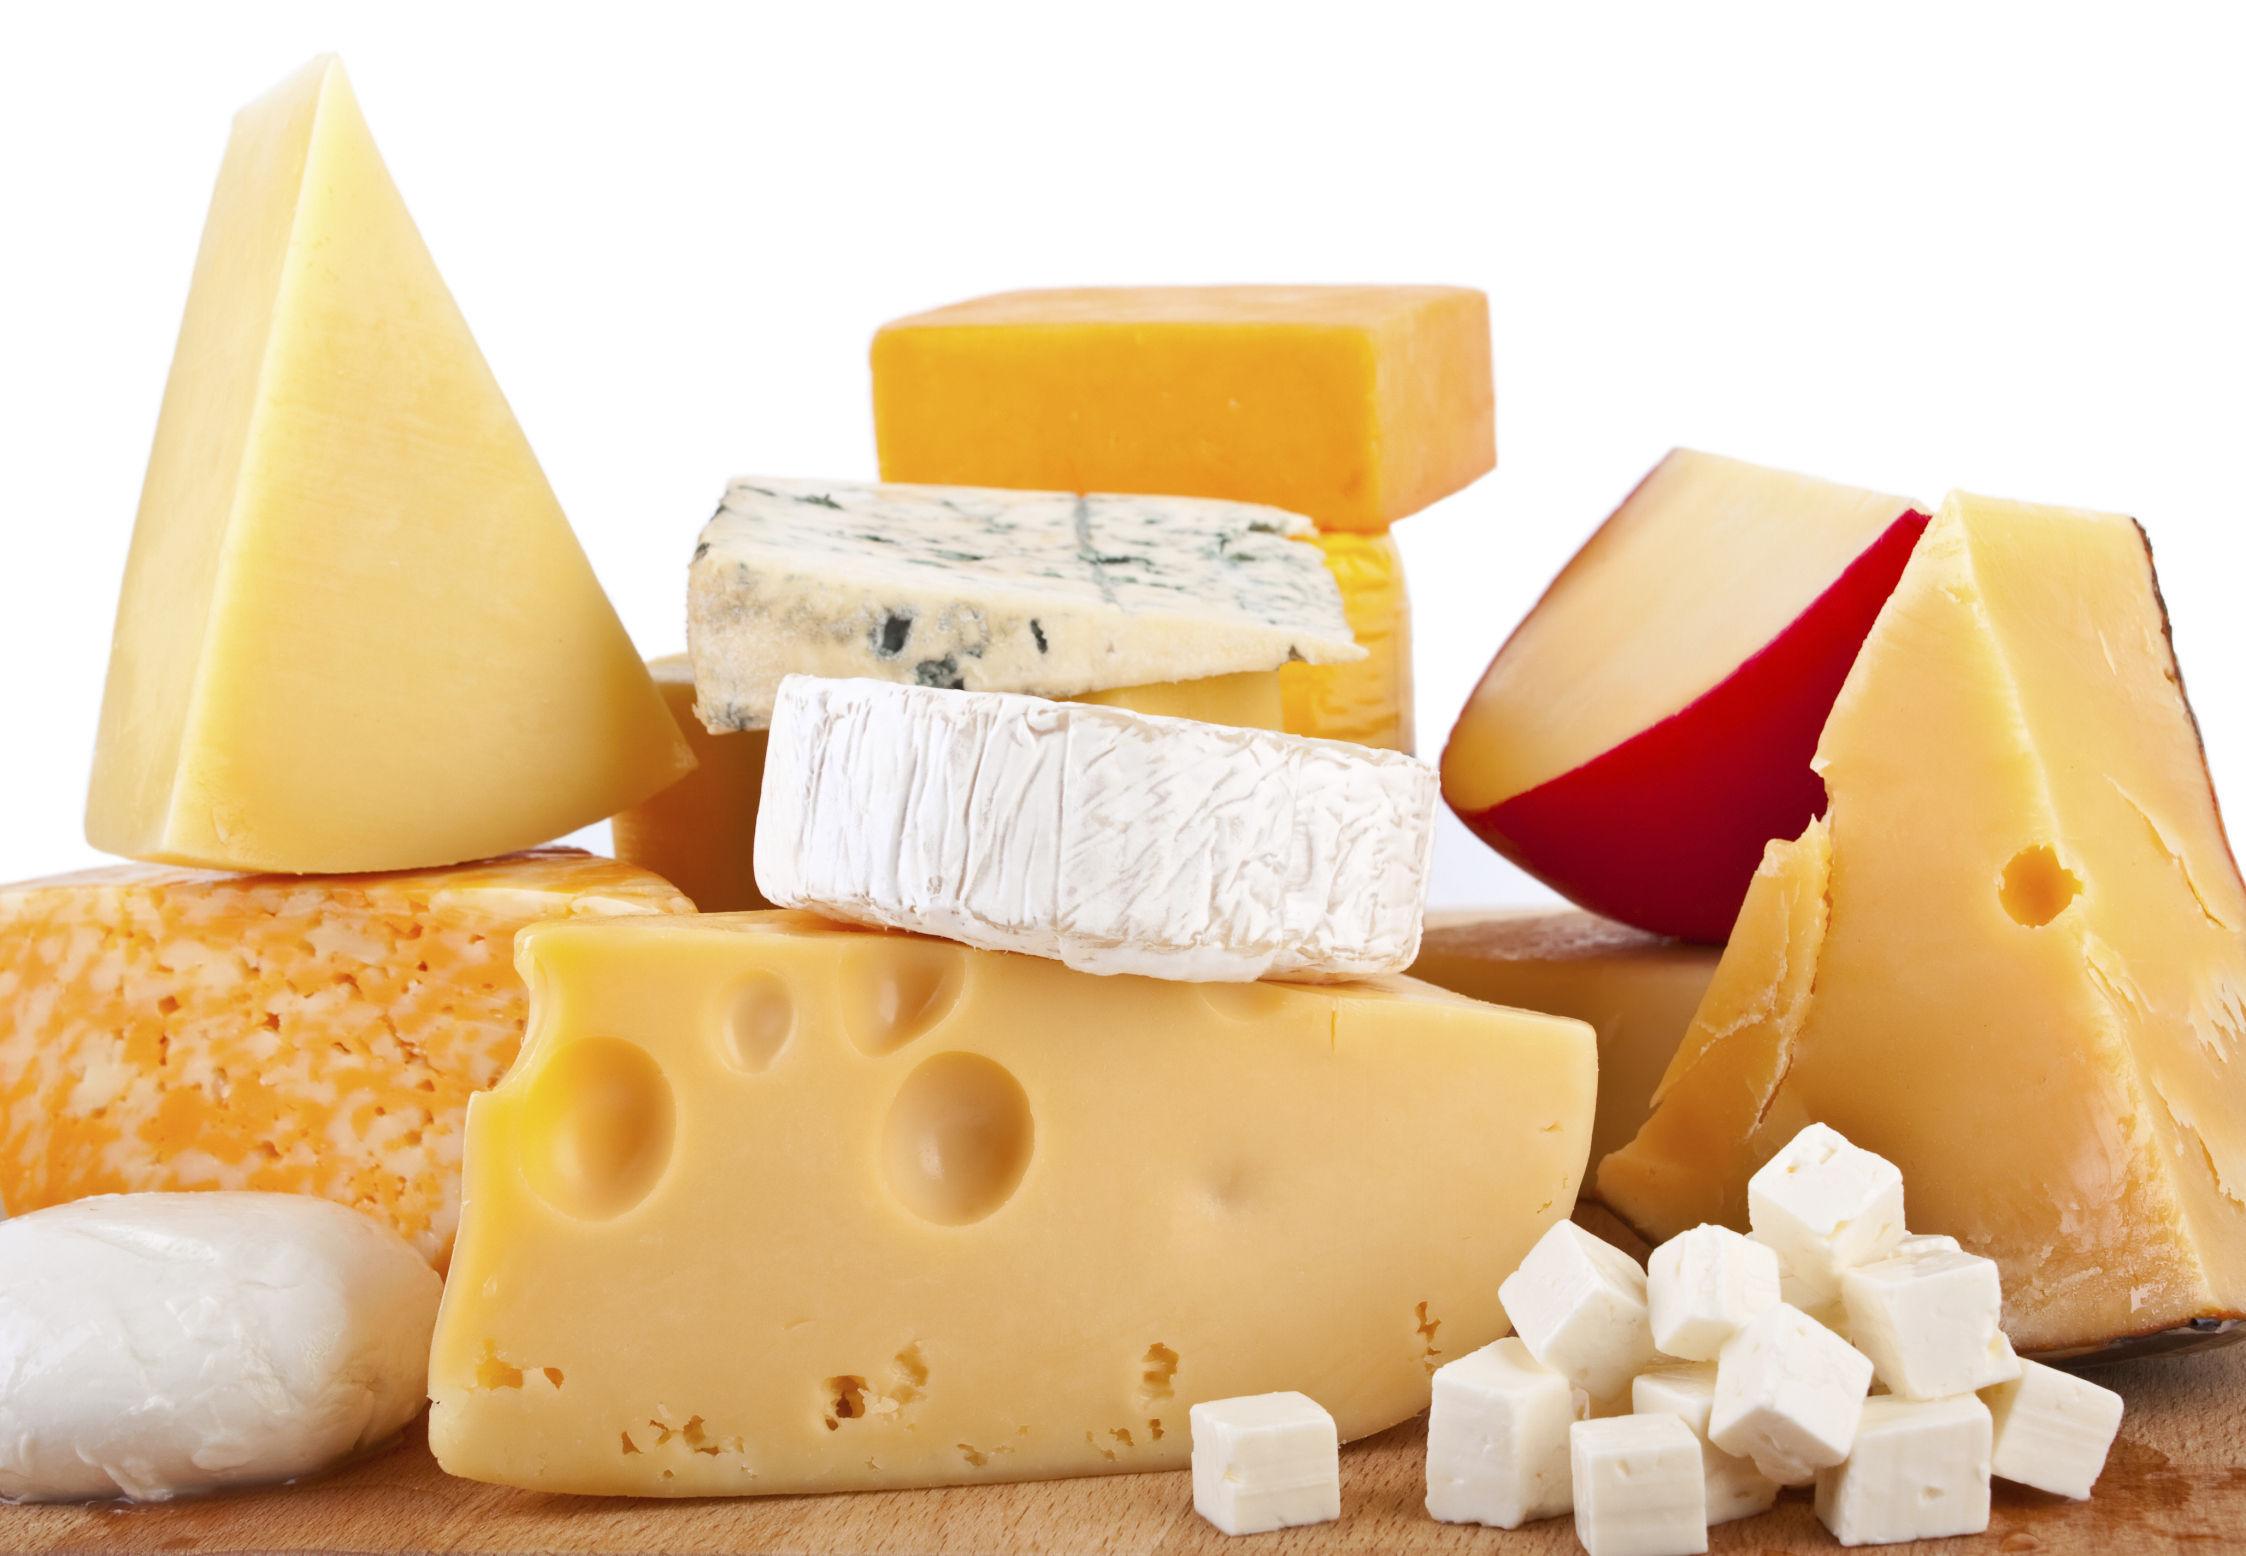 12370 - ¿Cuántos quesos reconoces?